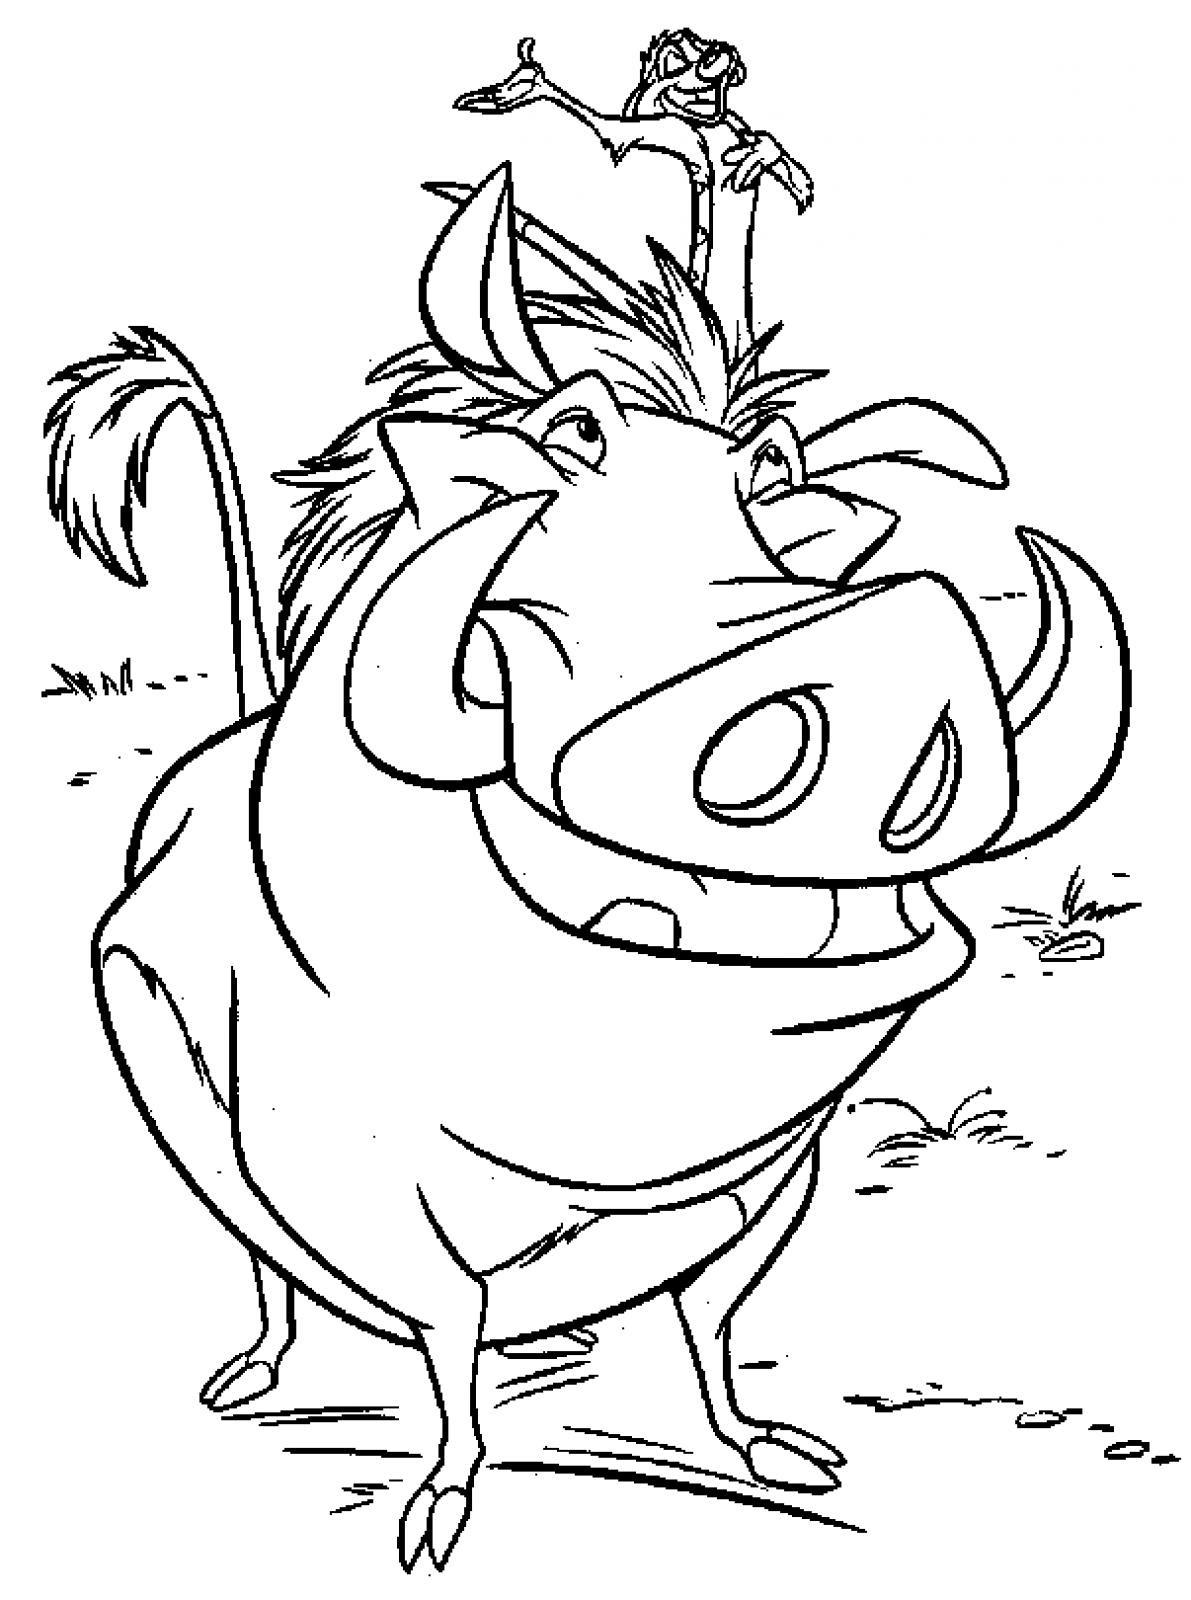 Coloriage Timon Et Pumbaa à Colorier Dessin Imprimer Sketch Coloring